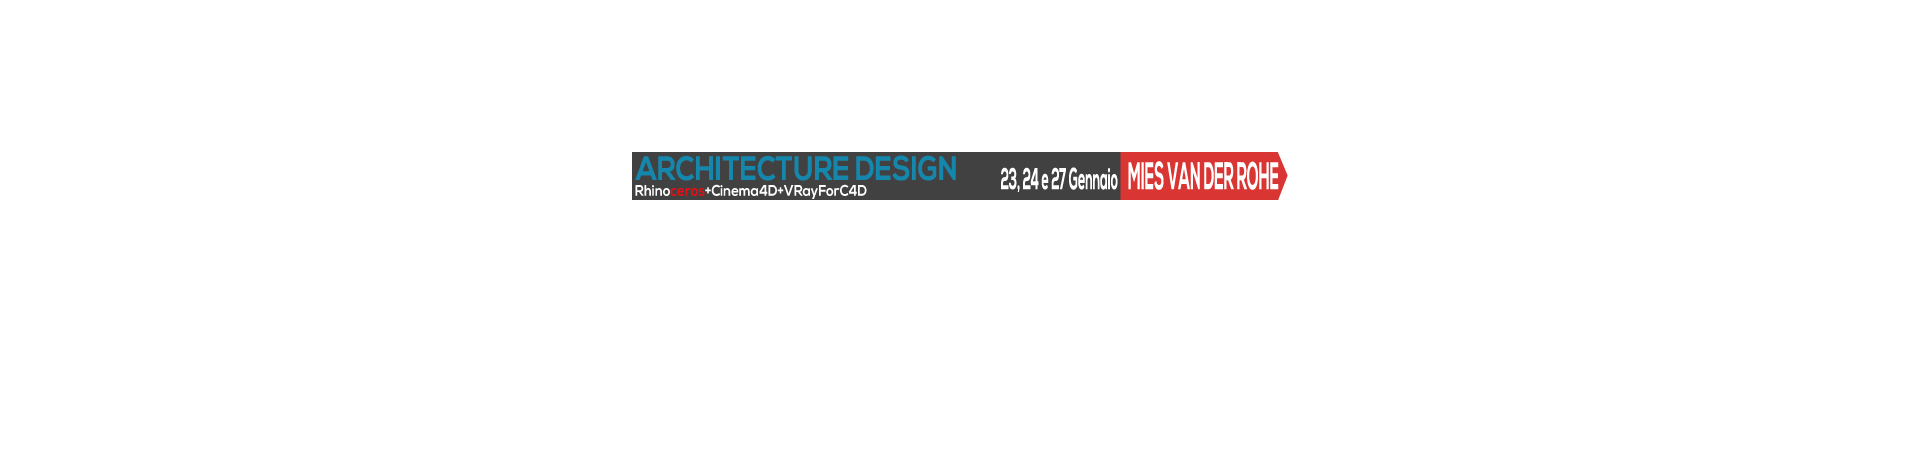 05_Architecture-Design